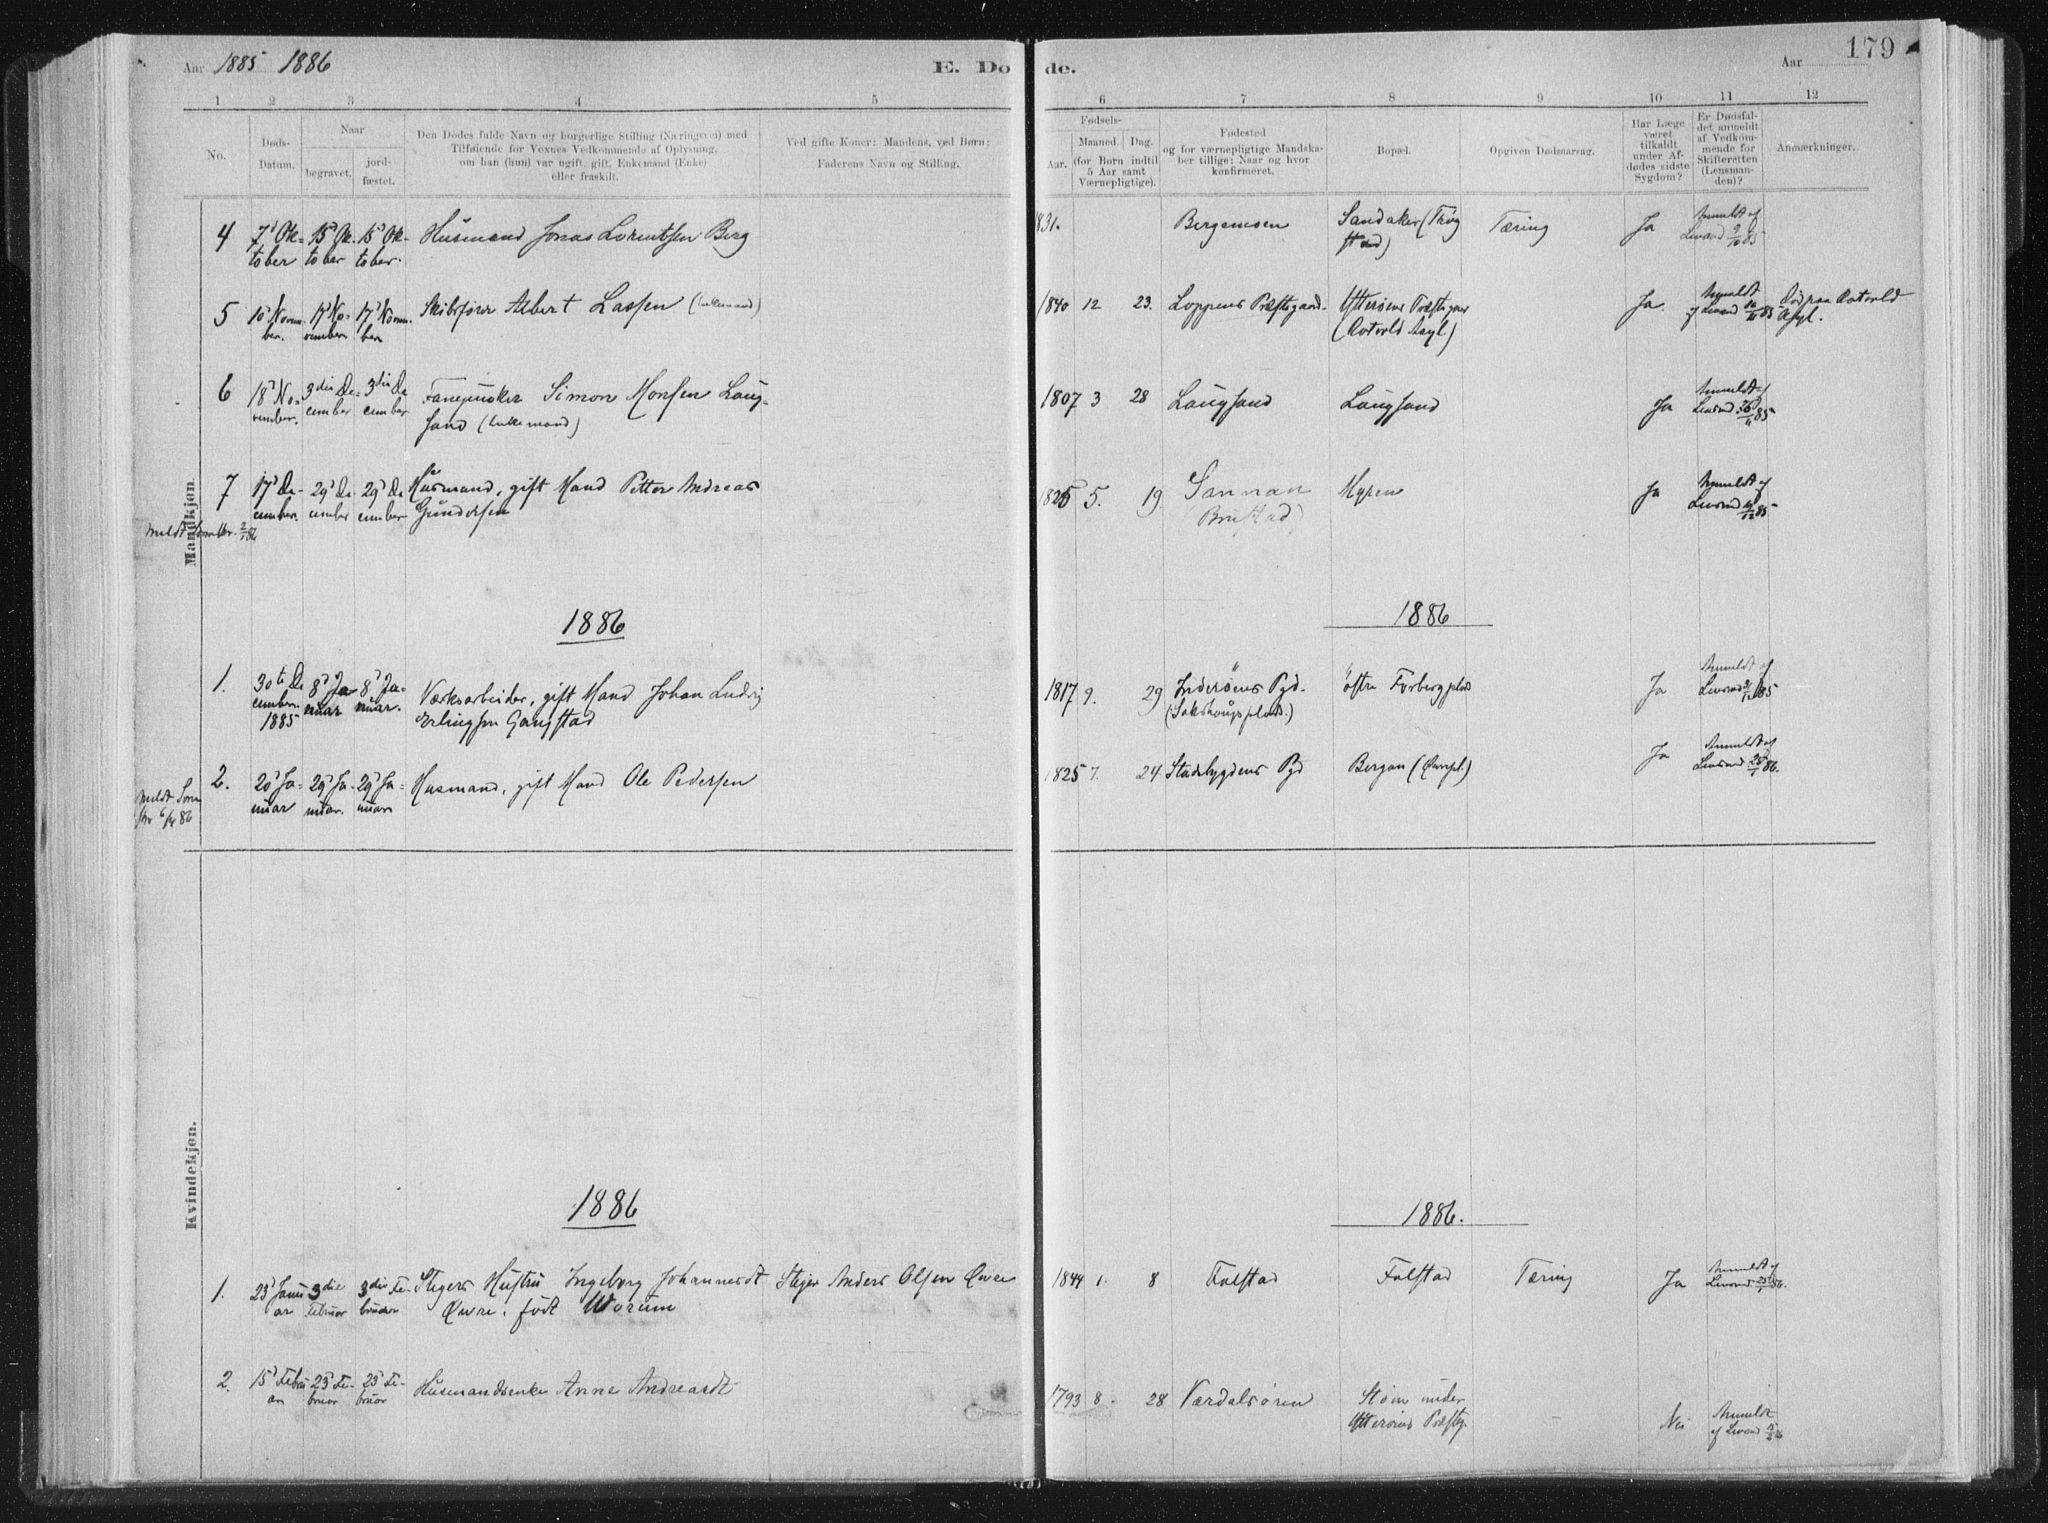 SAT, Ministerialprotokoller, klokkerbøker og fødselsregistre - Nord-Trøndelag, 722/L0220: Ministerialbok nr. 722A07, 1881-1908, s. 179